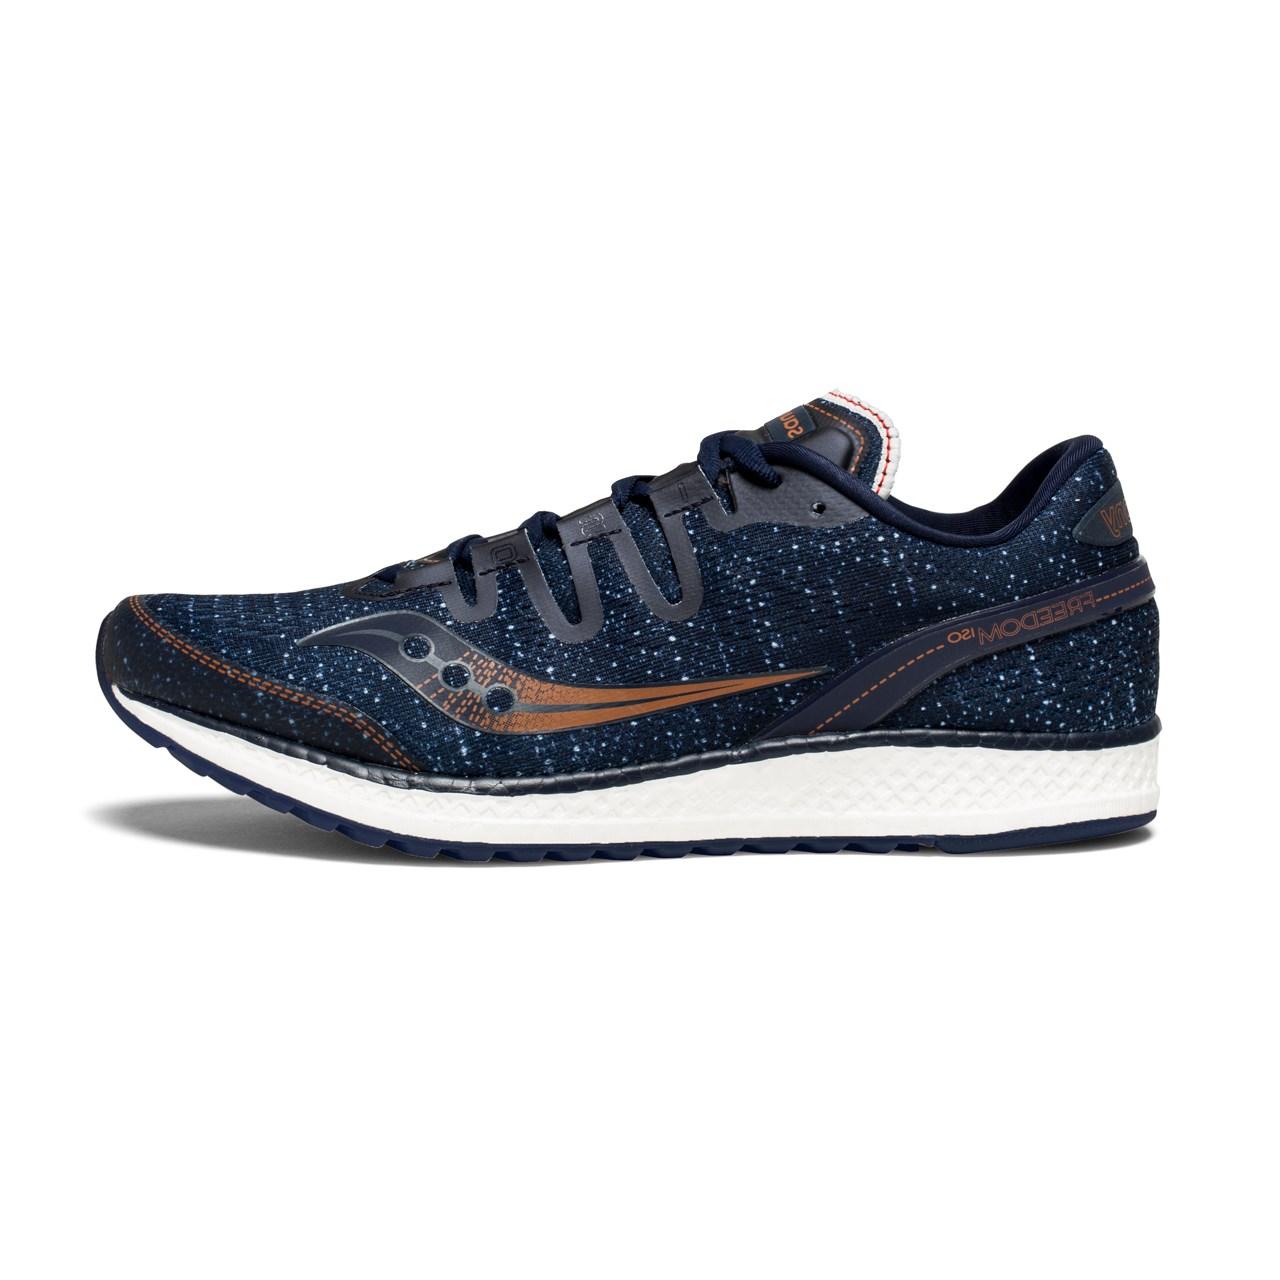 کفش مخصوص دویدن مردانه ساکنی مدل FREEDOM  ISO کد S20355-30